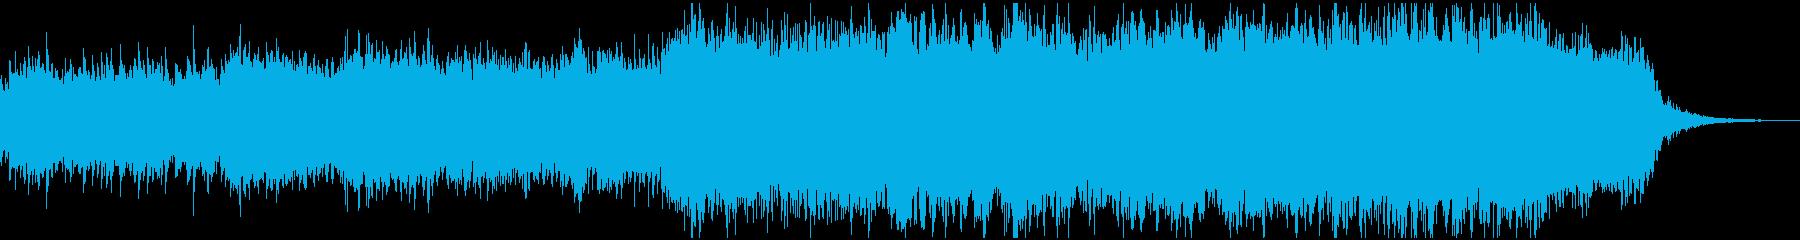 ピアノが印象的なシネマティックBGMの再生済みの波形